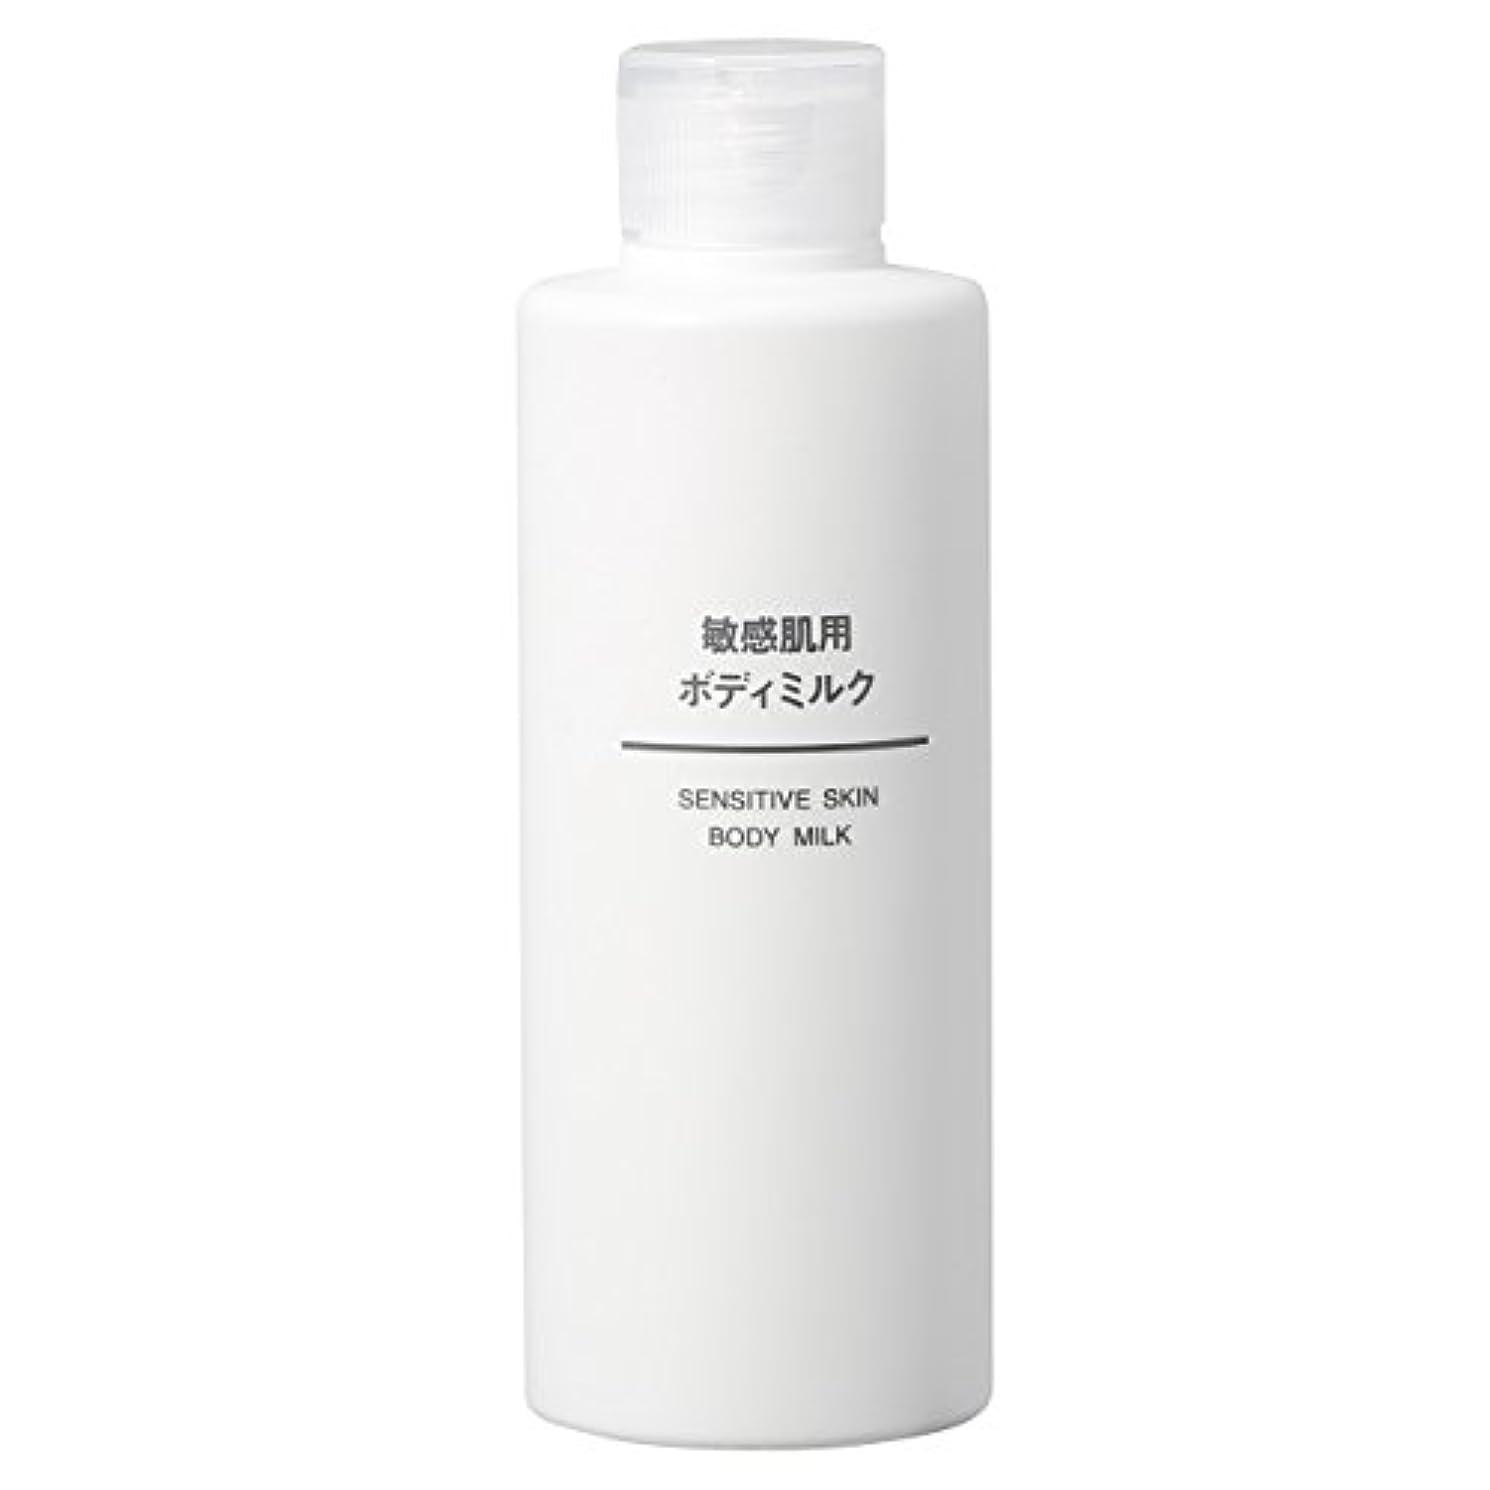 中庭先行するニンニク無印良品 敏感肌用 ボディミルク 200ml 日本製